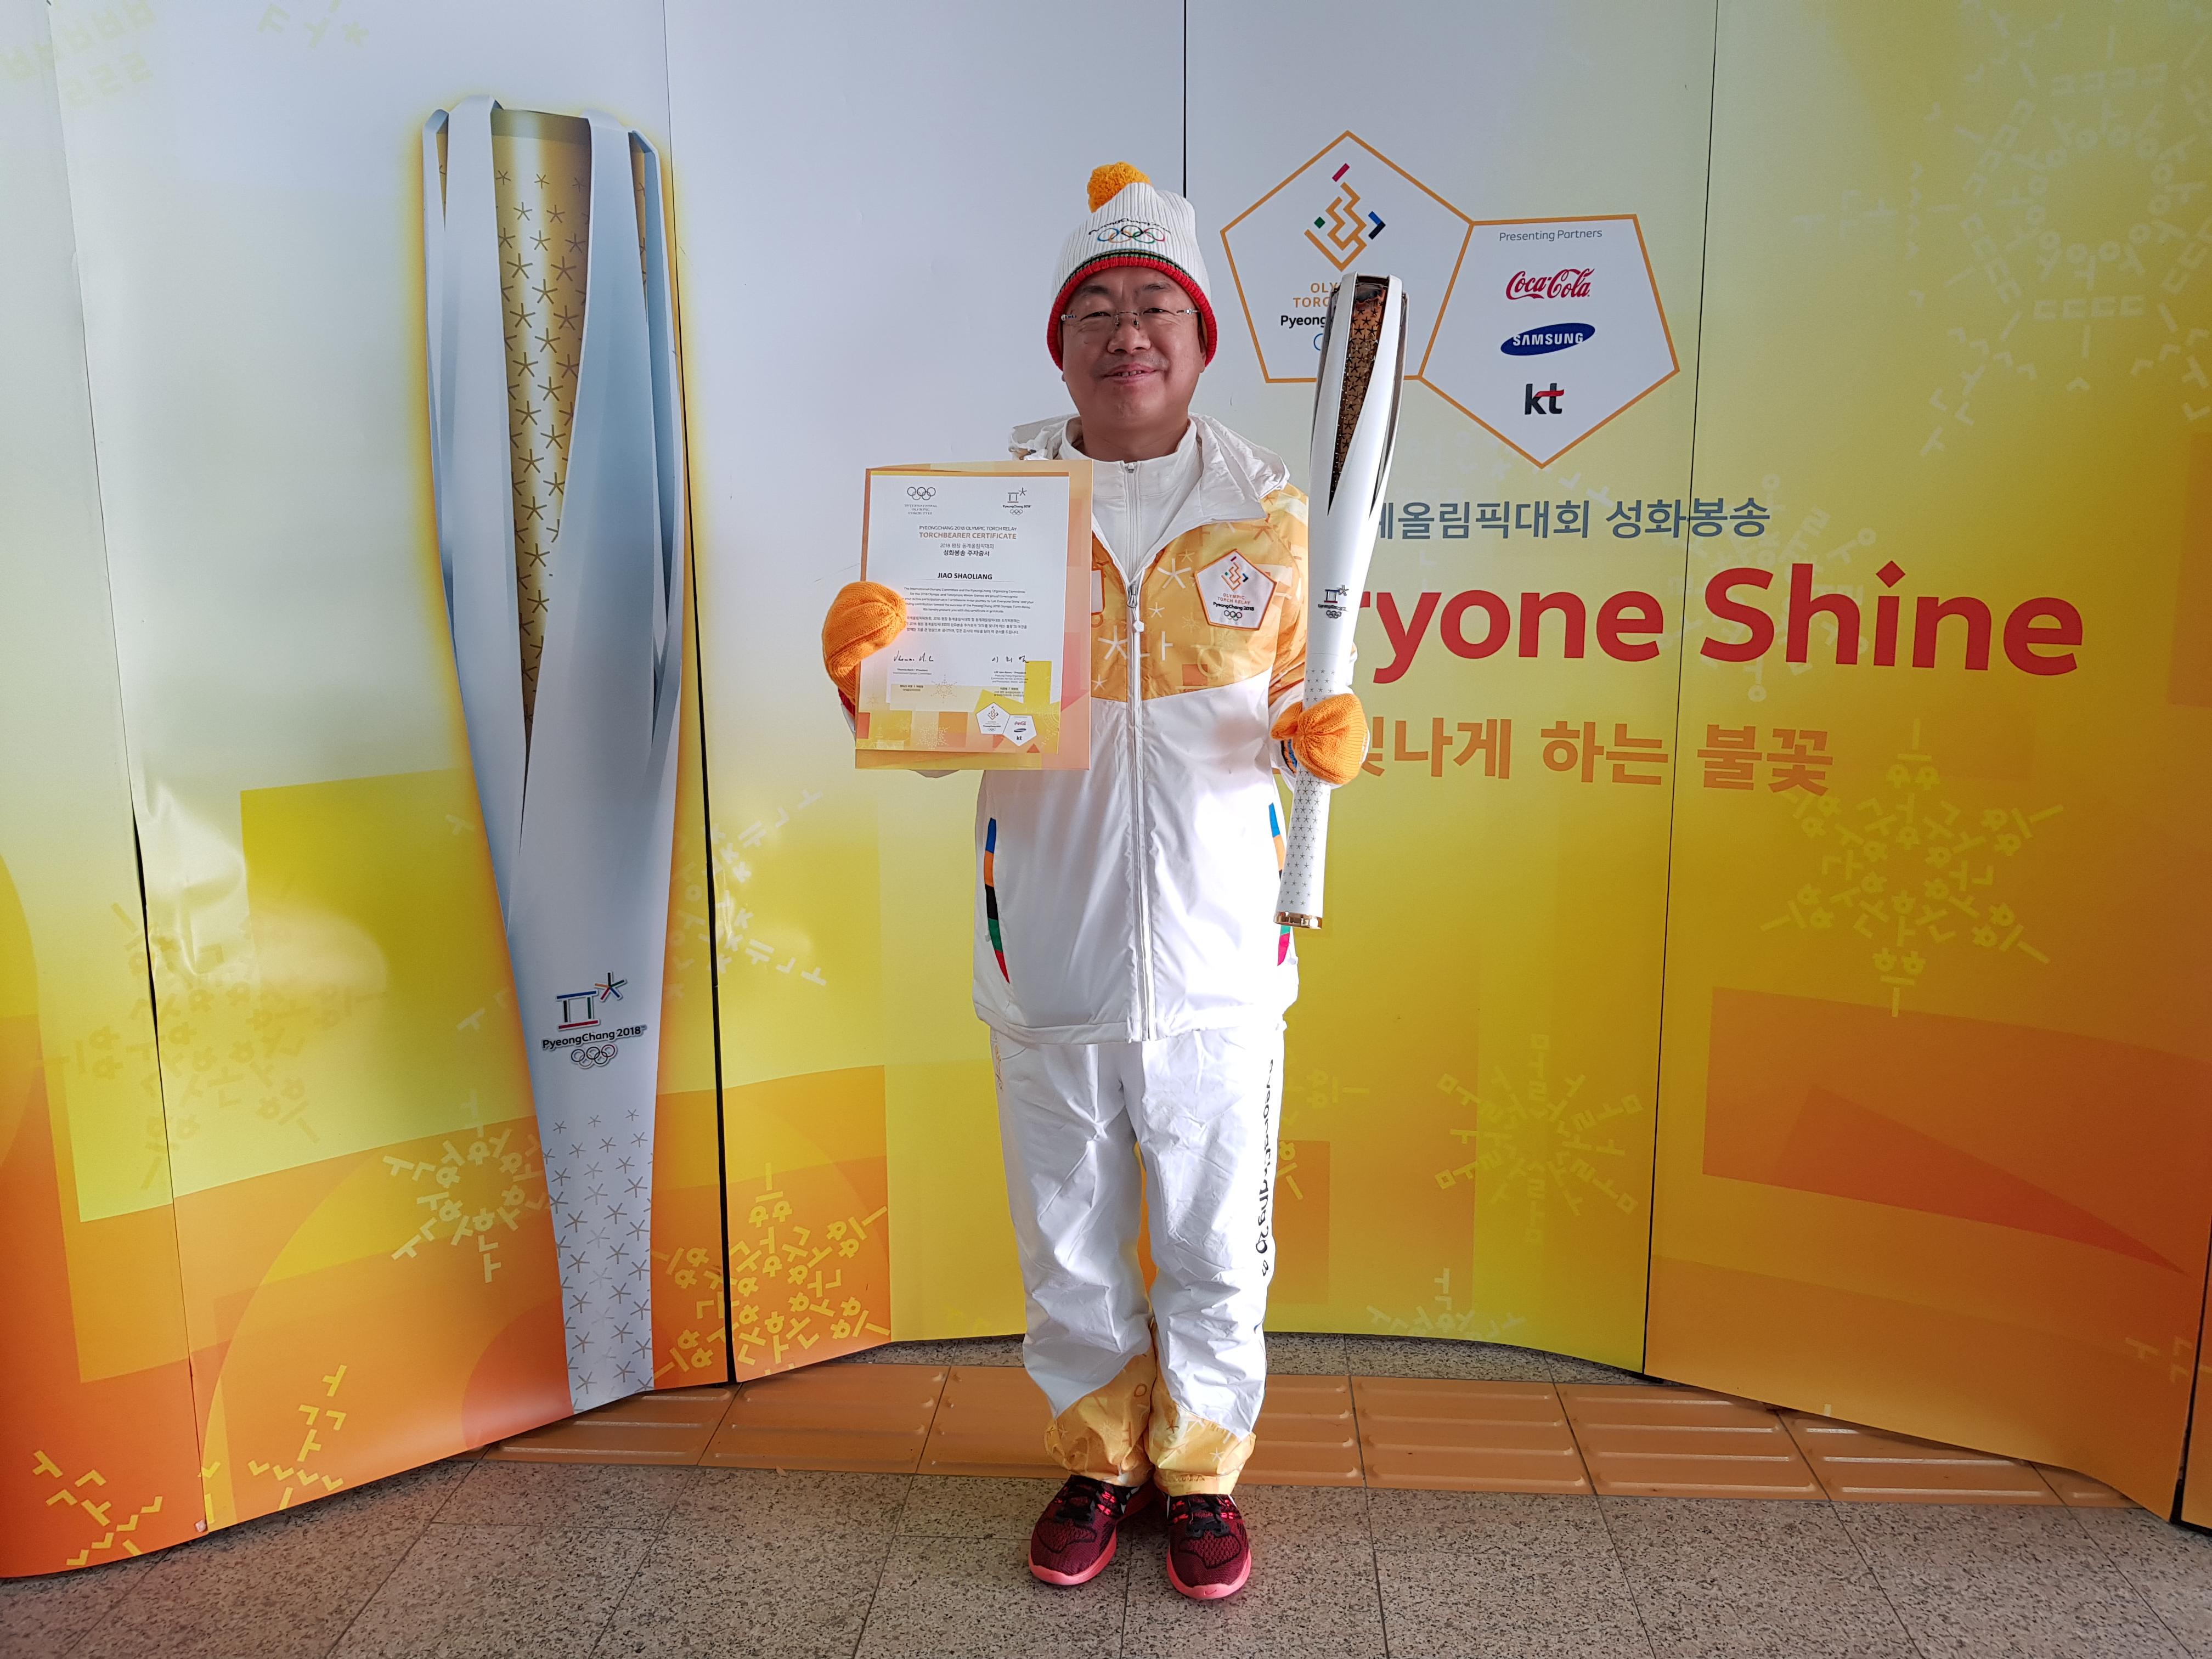 龙发制药副董事长焦少良担任2018年冬奥会火炬手